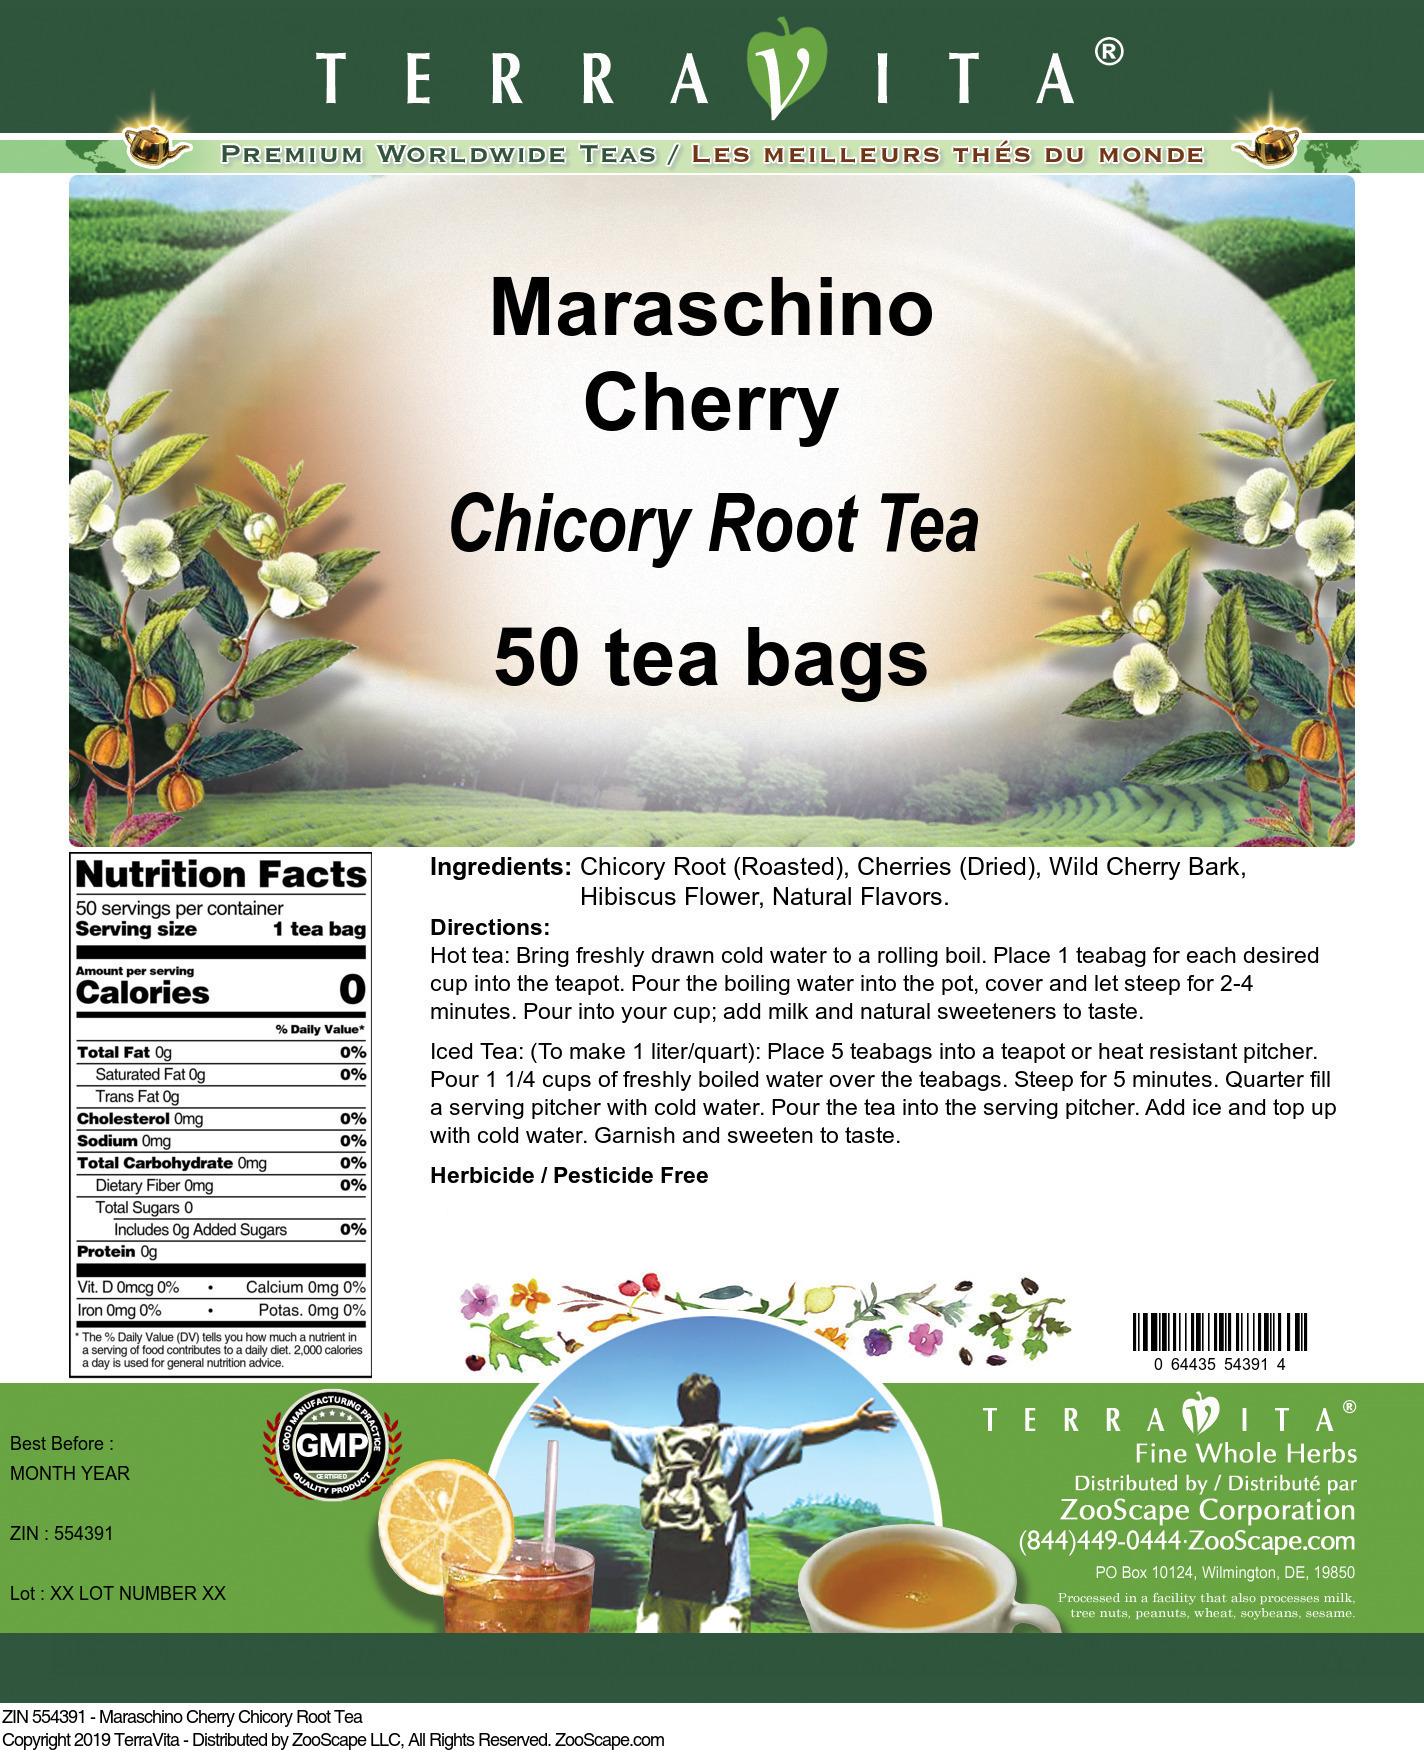 Maraschino Cherry Chicory Root